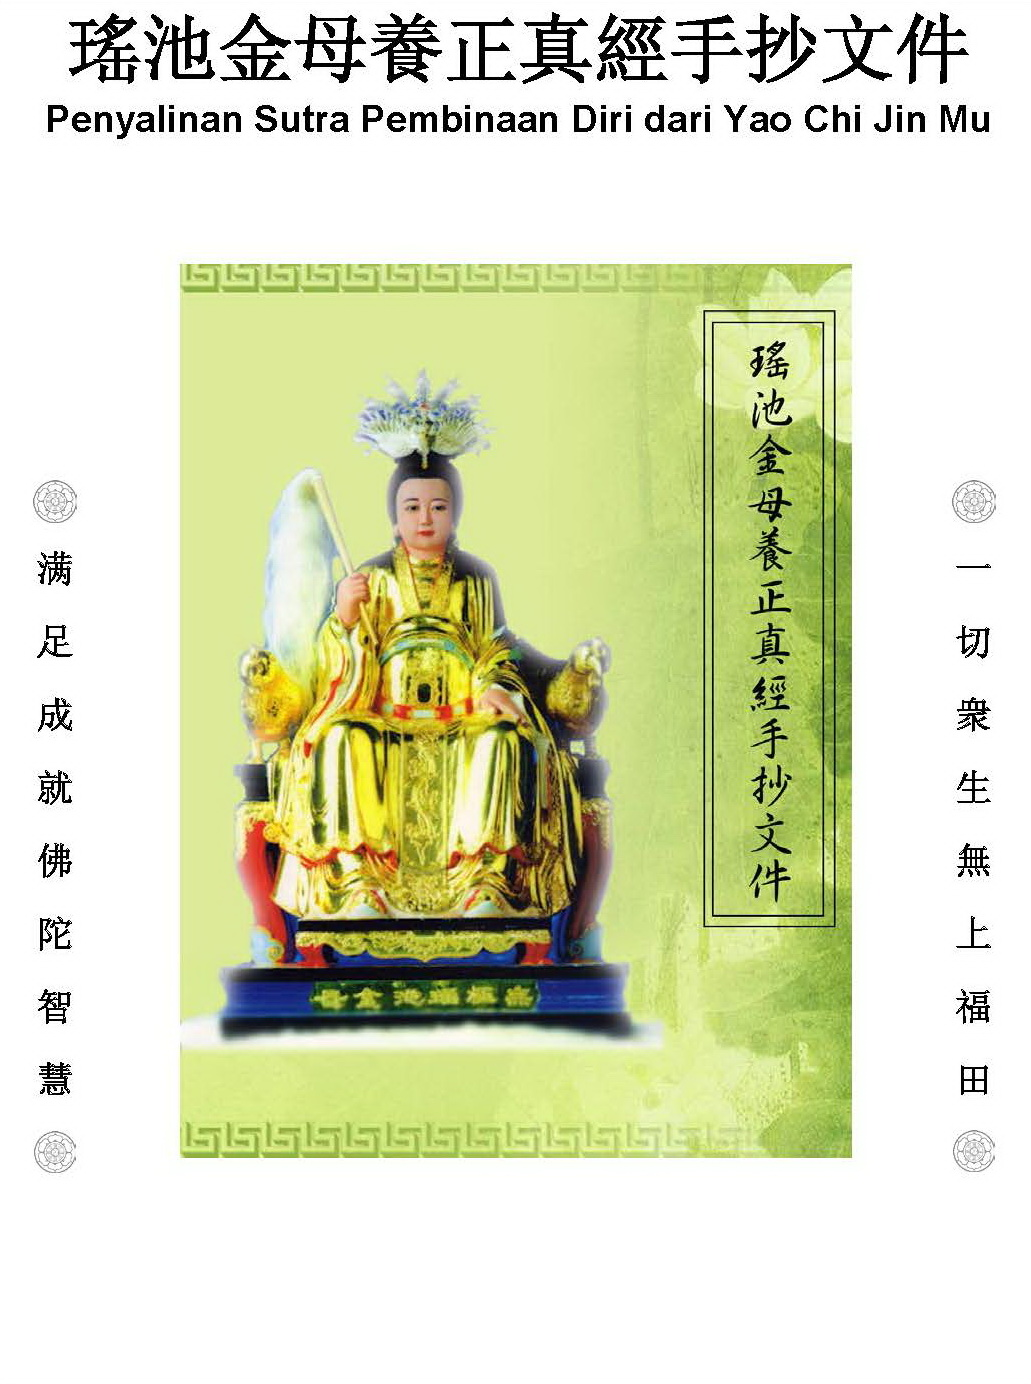 Penyalinan Sutra Pembinaan Diri dari Yao Chi Jin Mu Versi Kedua